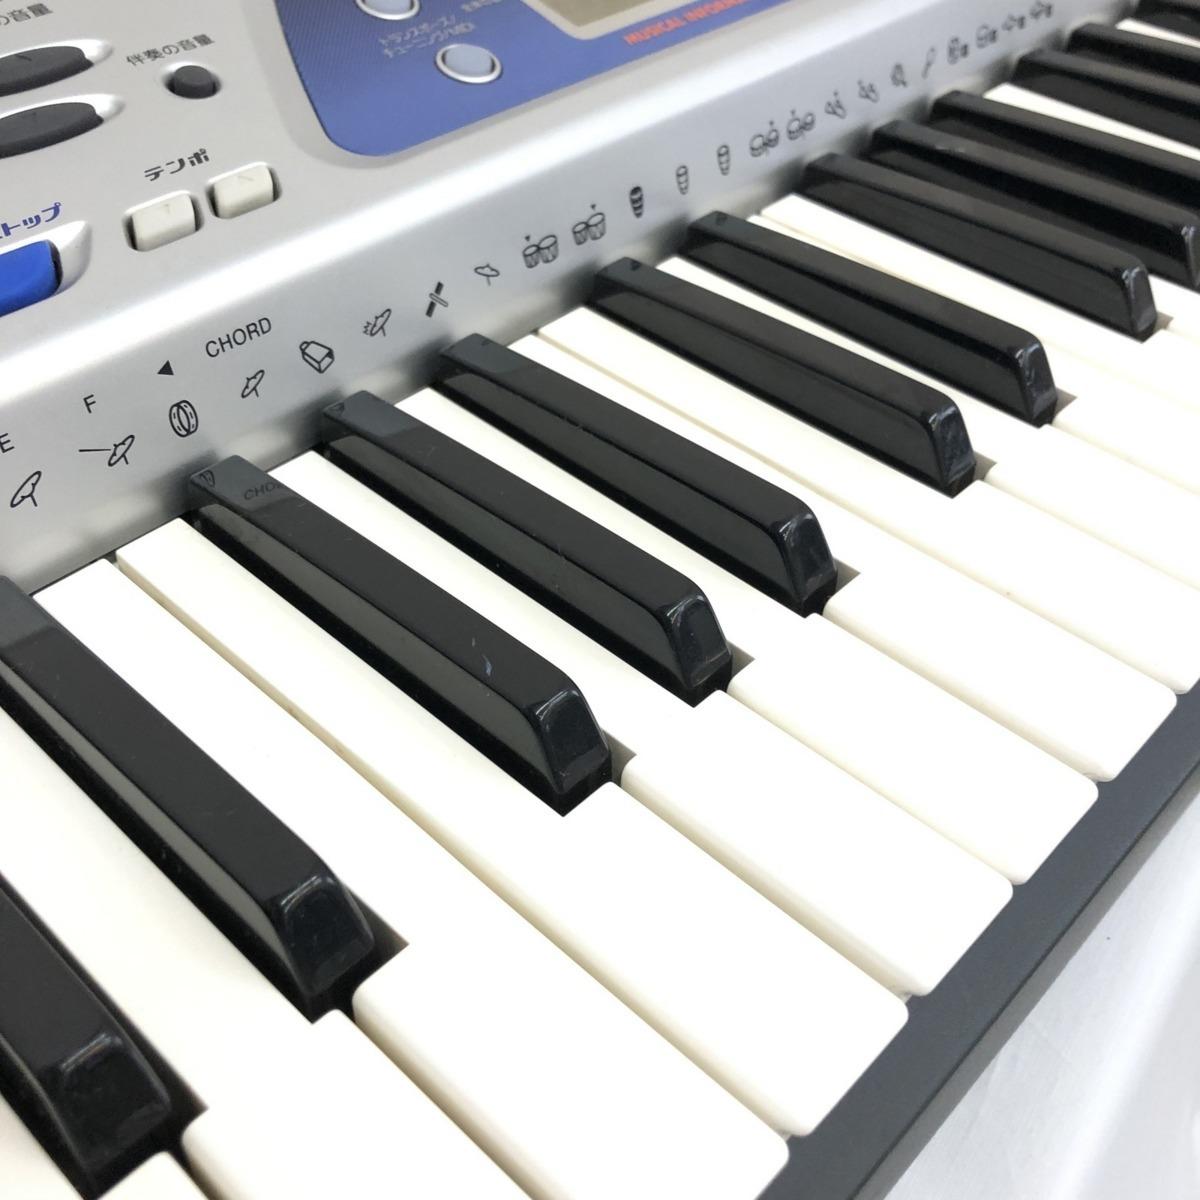 中古 CASIO カシオ 電子キーボード ベーシックキーボード CTK-481 61鍵盤 シルバー 電子ピアノ 鍵盤楽器 アダプター付き H15428_画像4